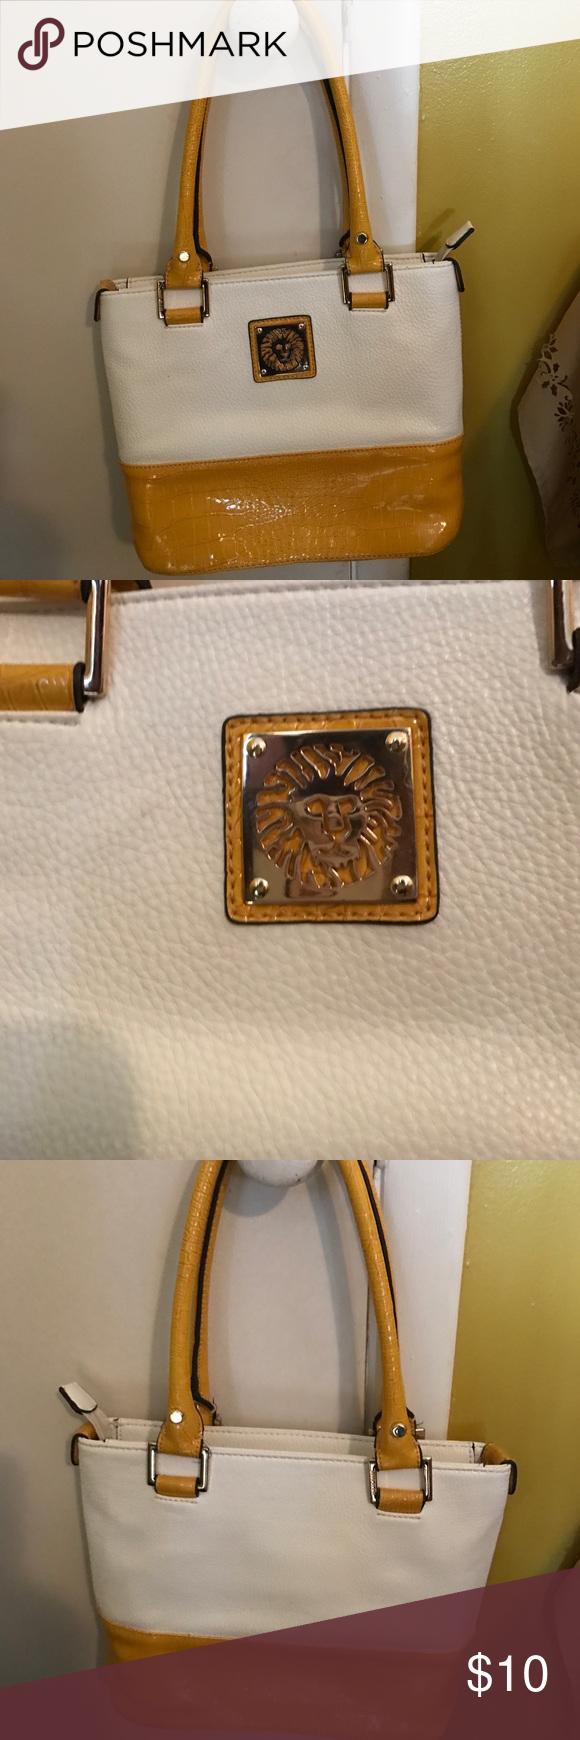 Purse Vintage Ann Kline perfect condition Bags Satchels